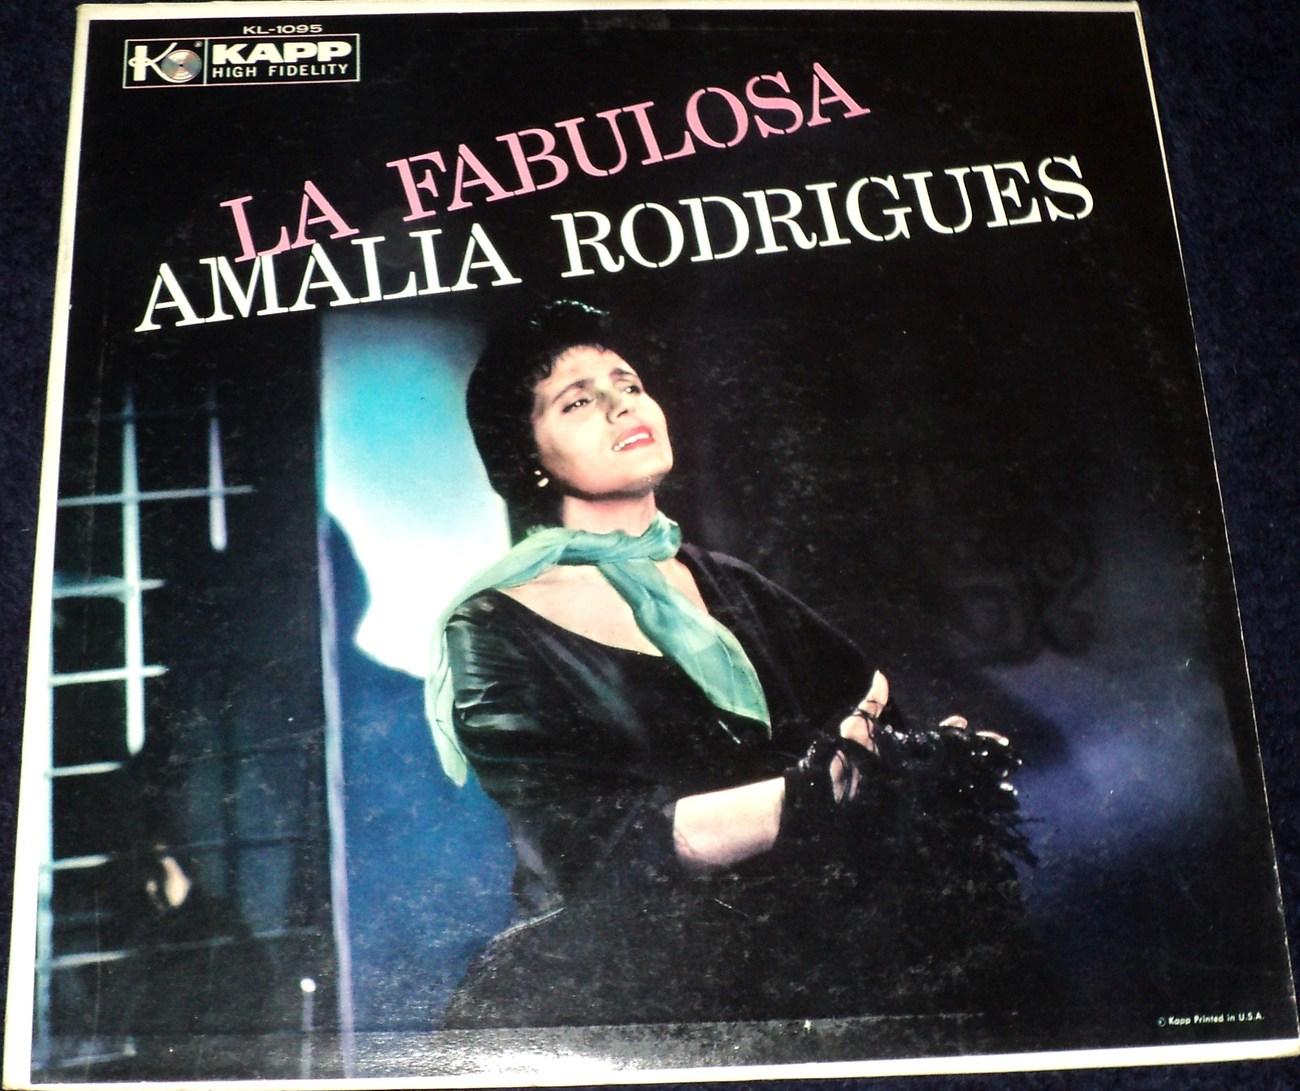 AMALIA RODRIGUES / LA FABULOSA LP /PORTUGAL /FADO /F. DE CARVALHO, COND. /RARE!